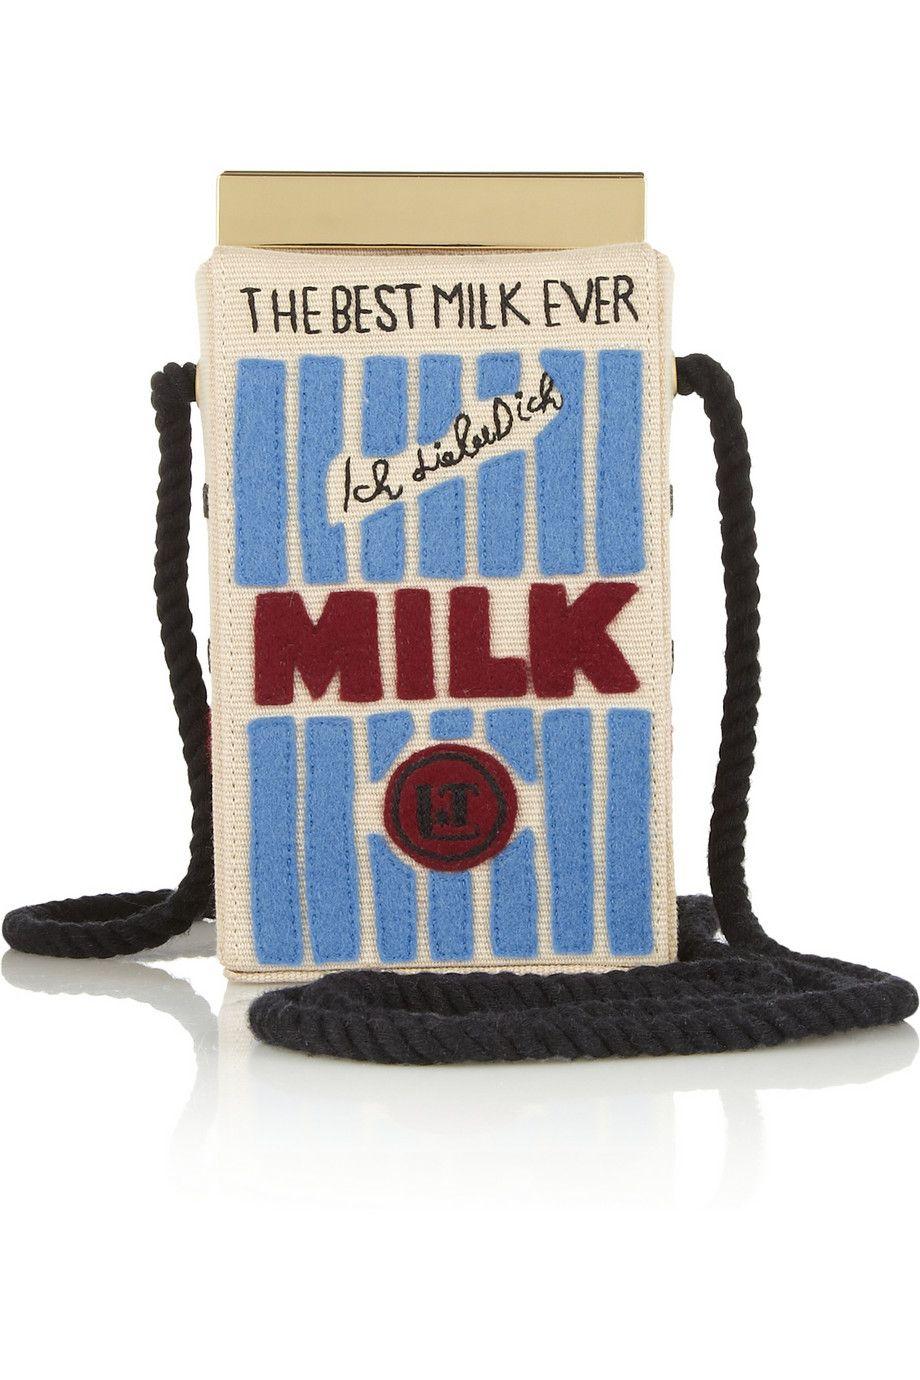 Just For Fun Olympia Le Tan Milk Bag